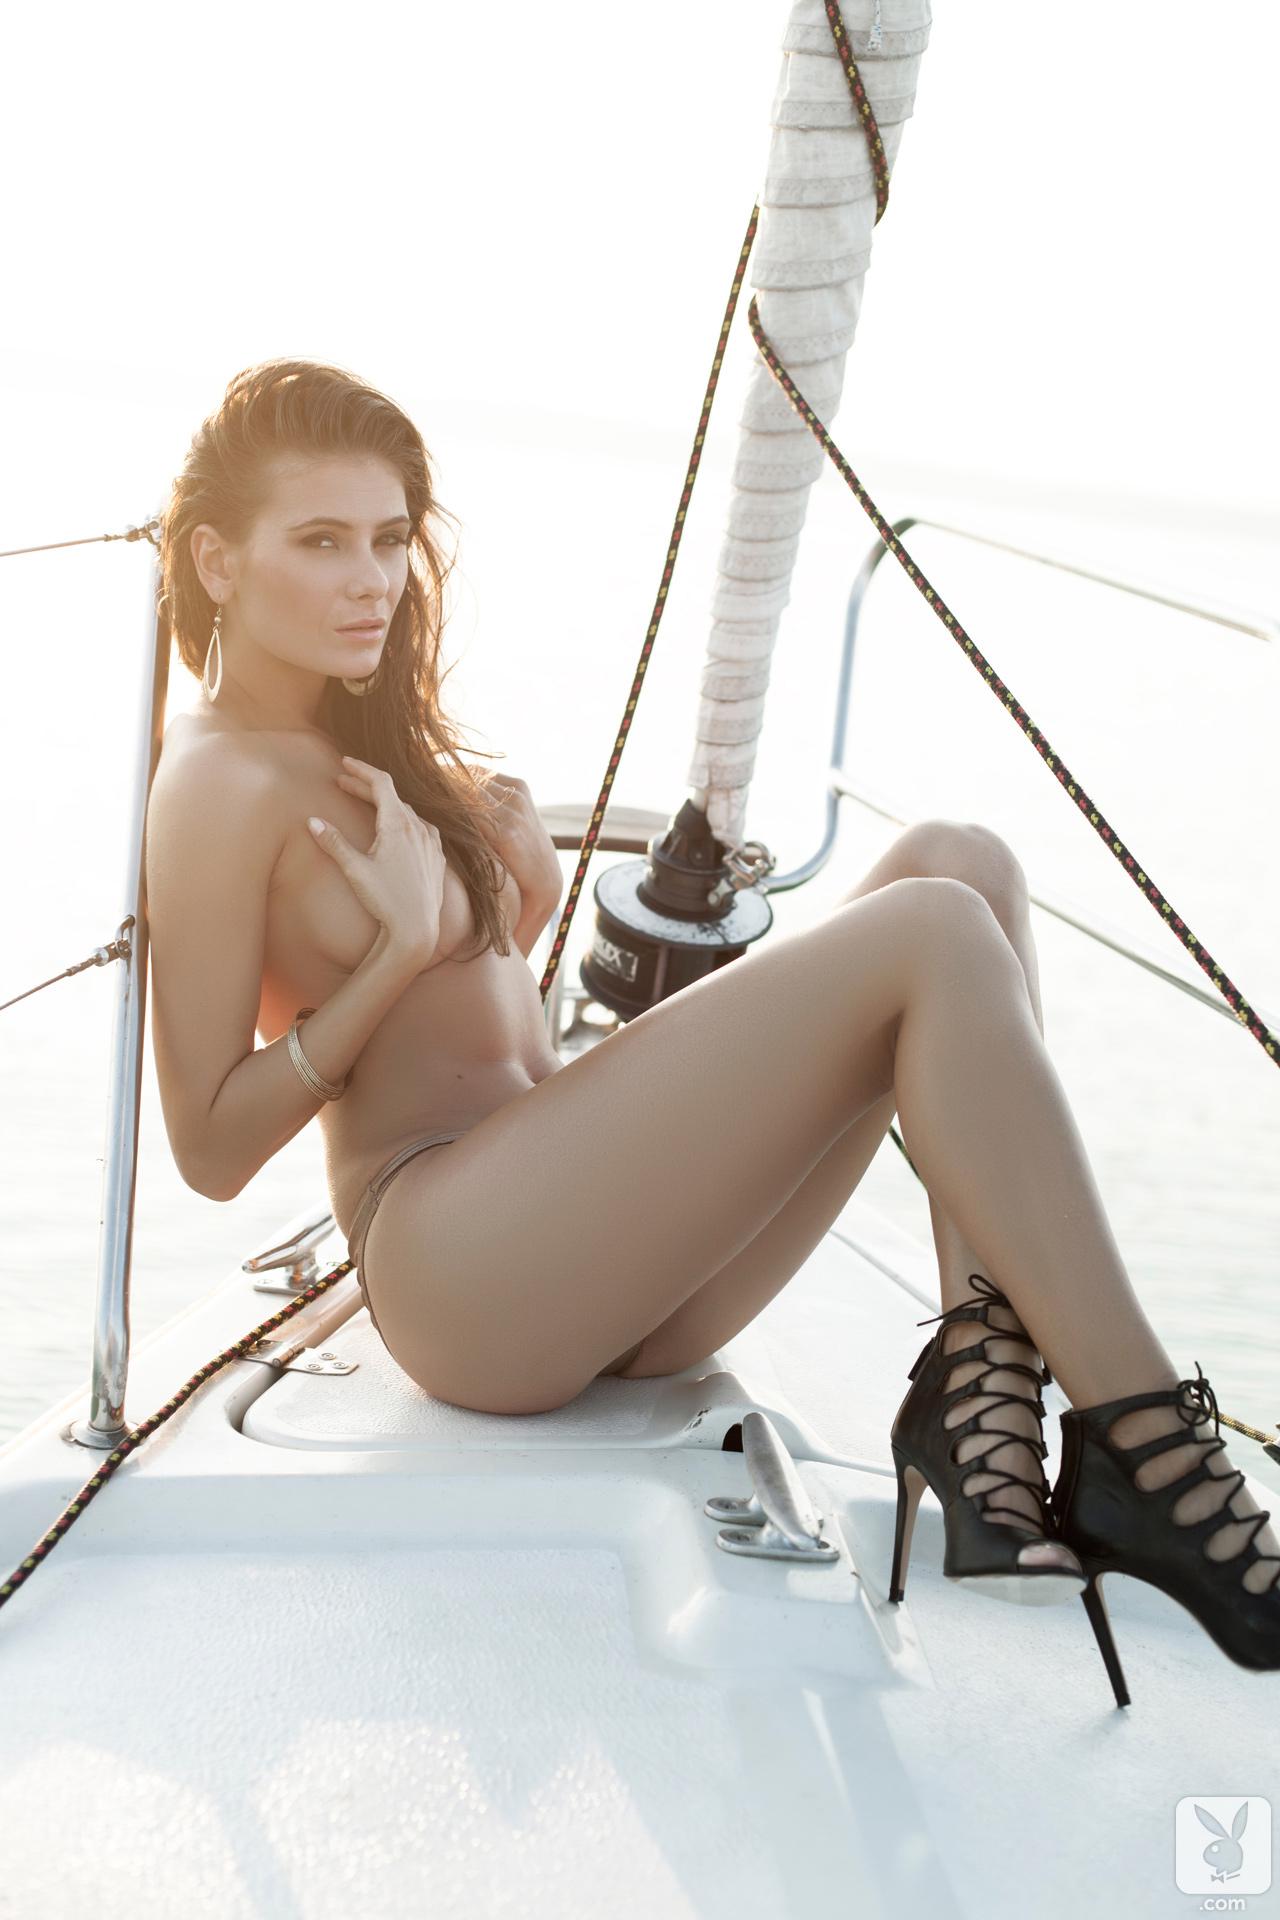 cosmo-bikini-yacht-naked-playboy-10